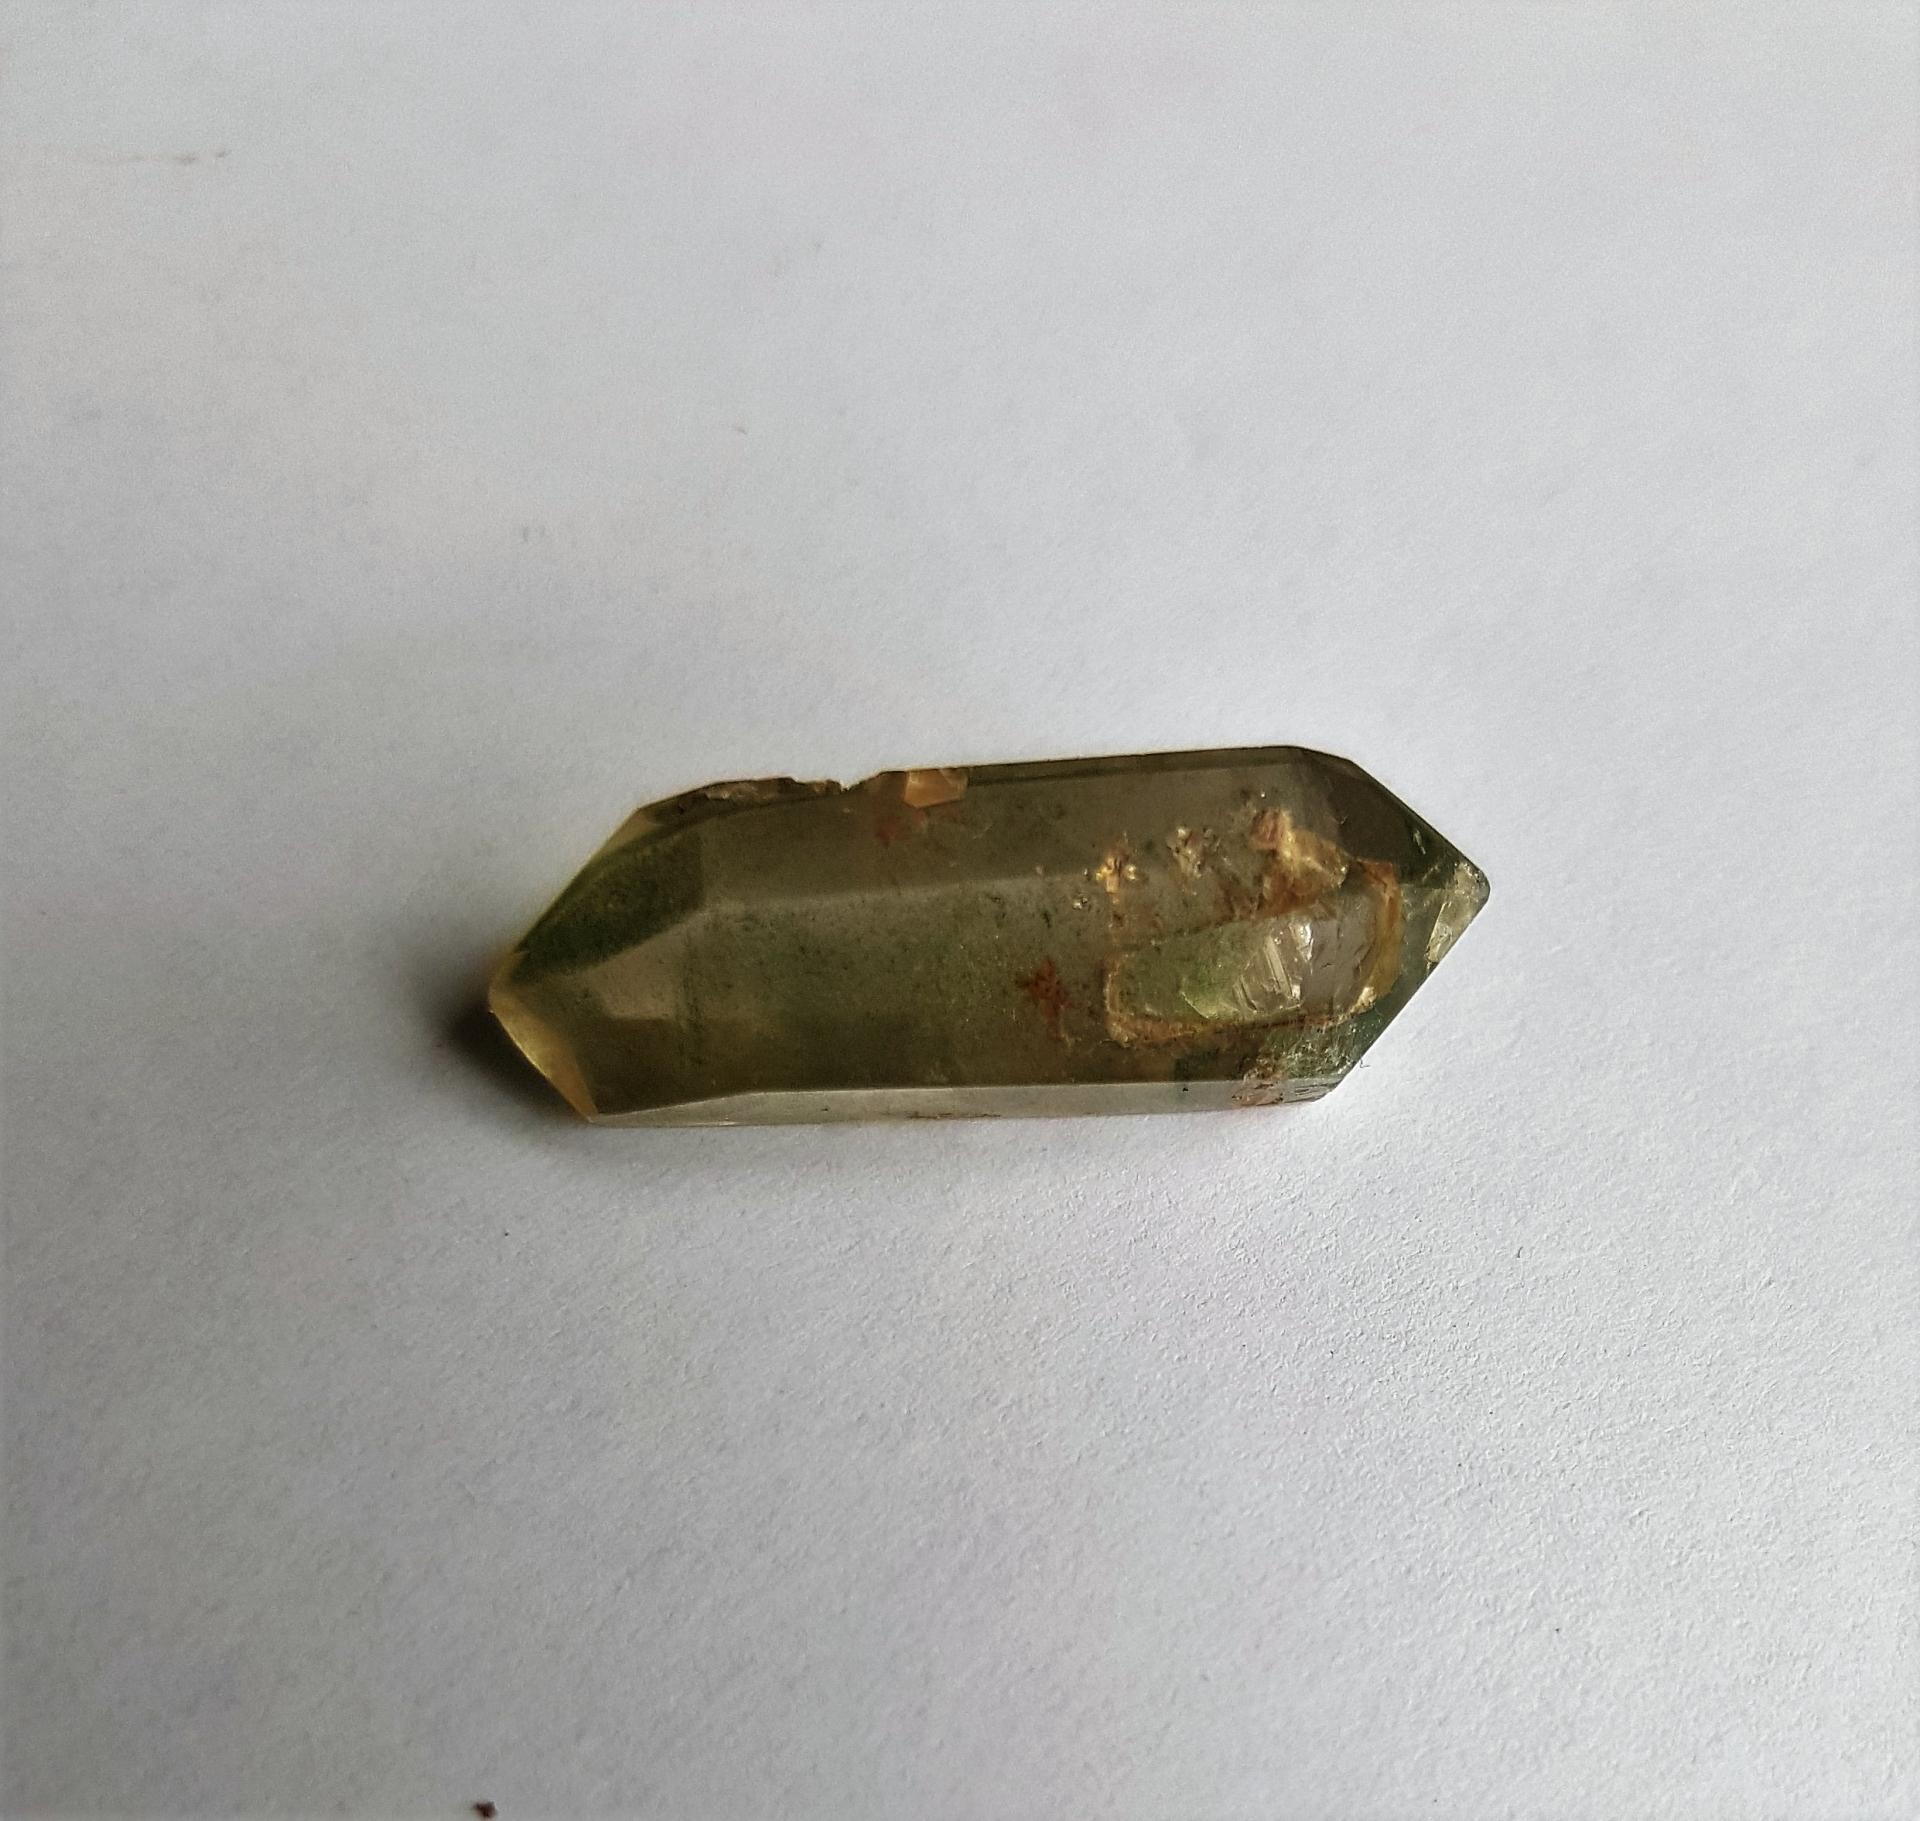 Quartz chlorite bitermine 1